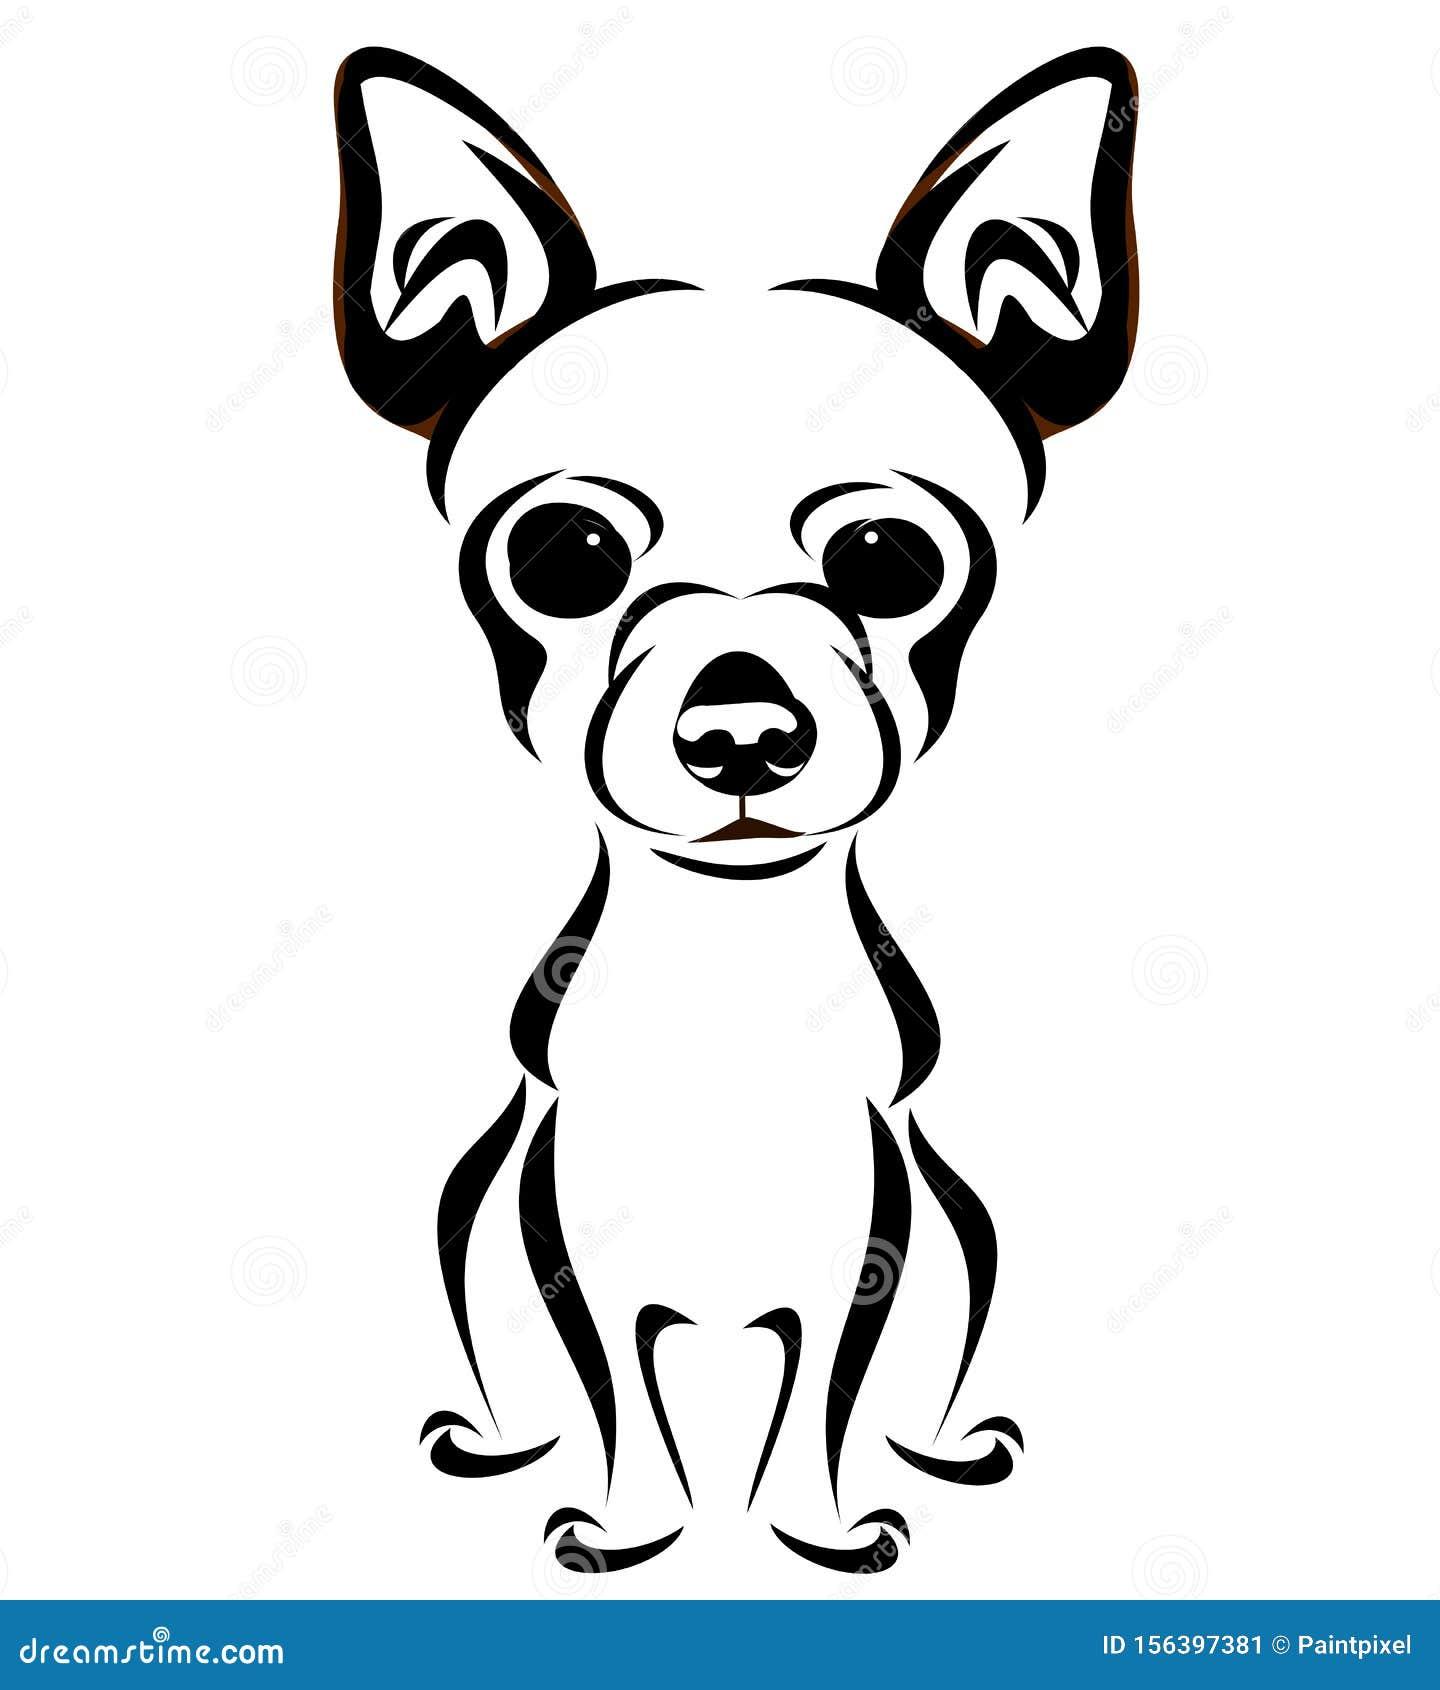 Abstract Dog Line Art